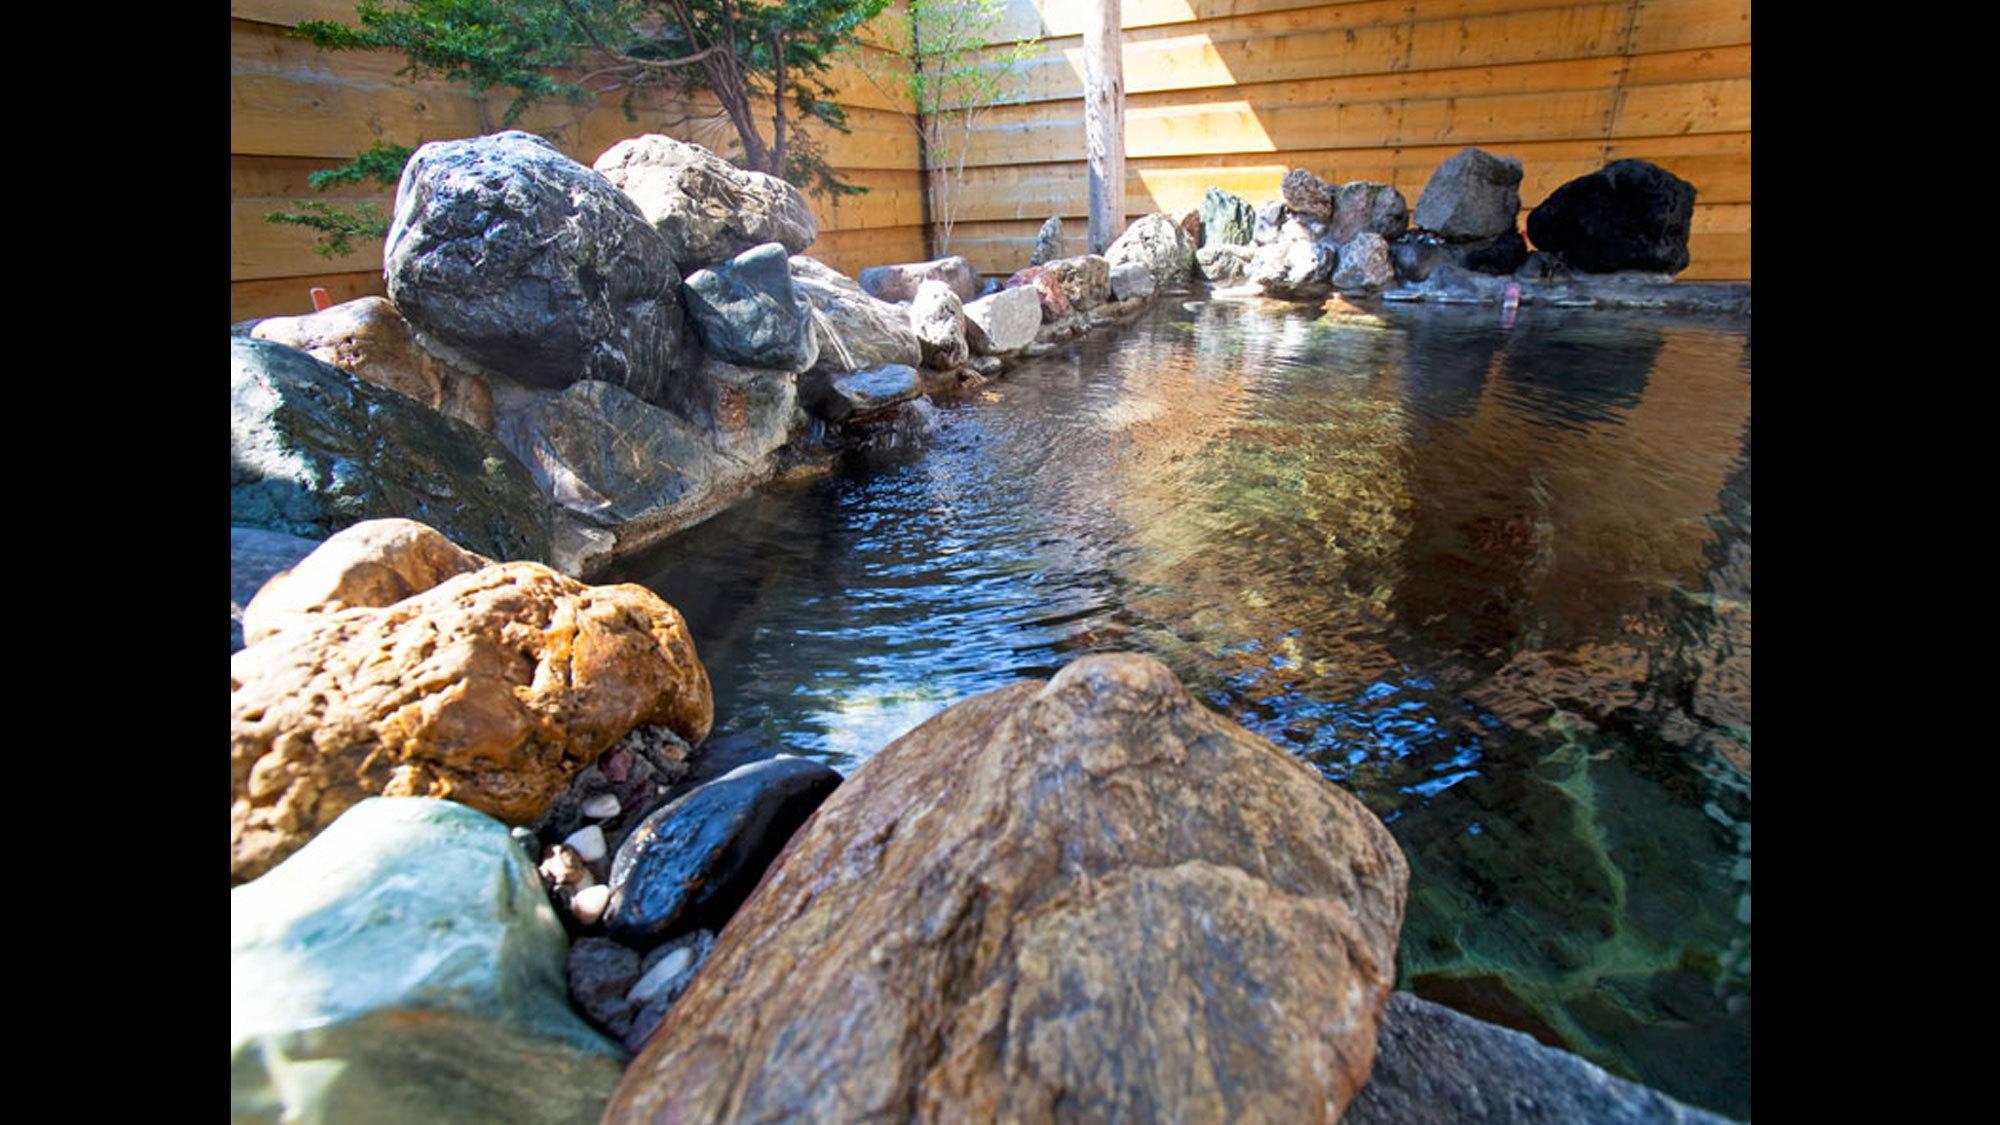 【露天風呂】お肌がつるすべになると評判のナトリウム塩化物泉です。